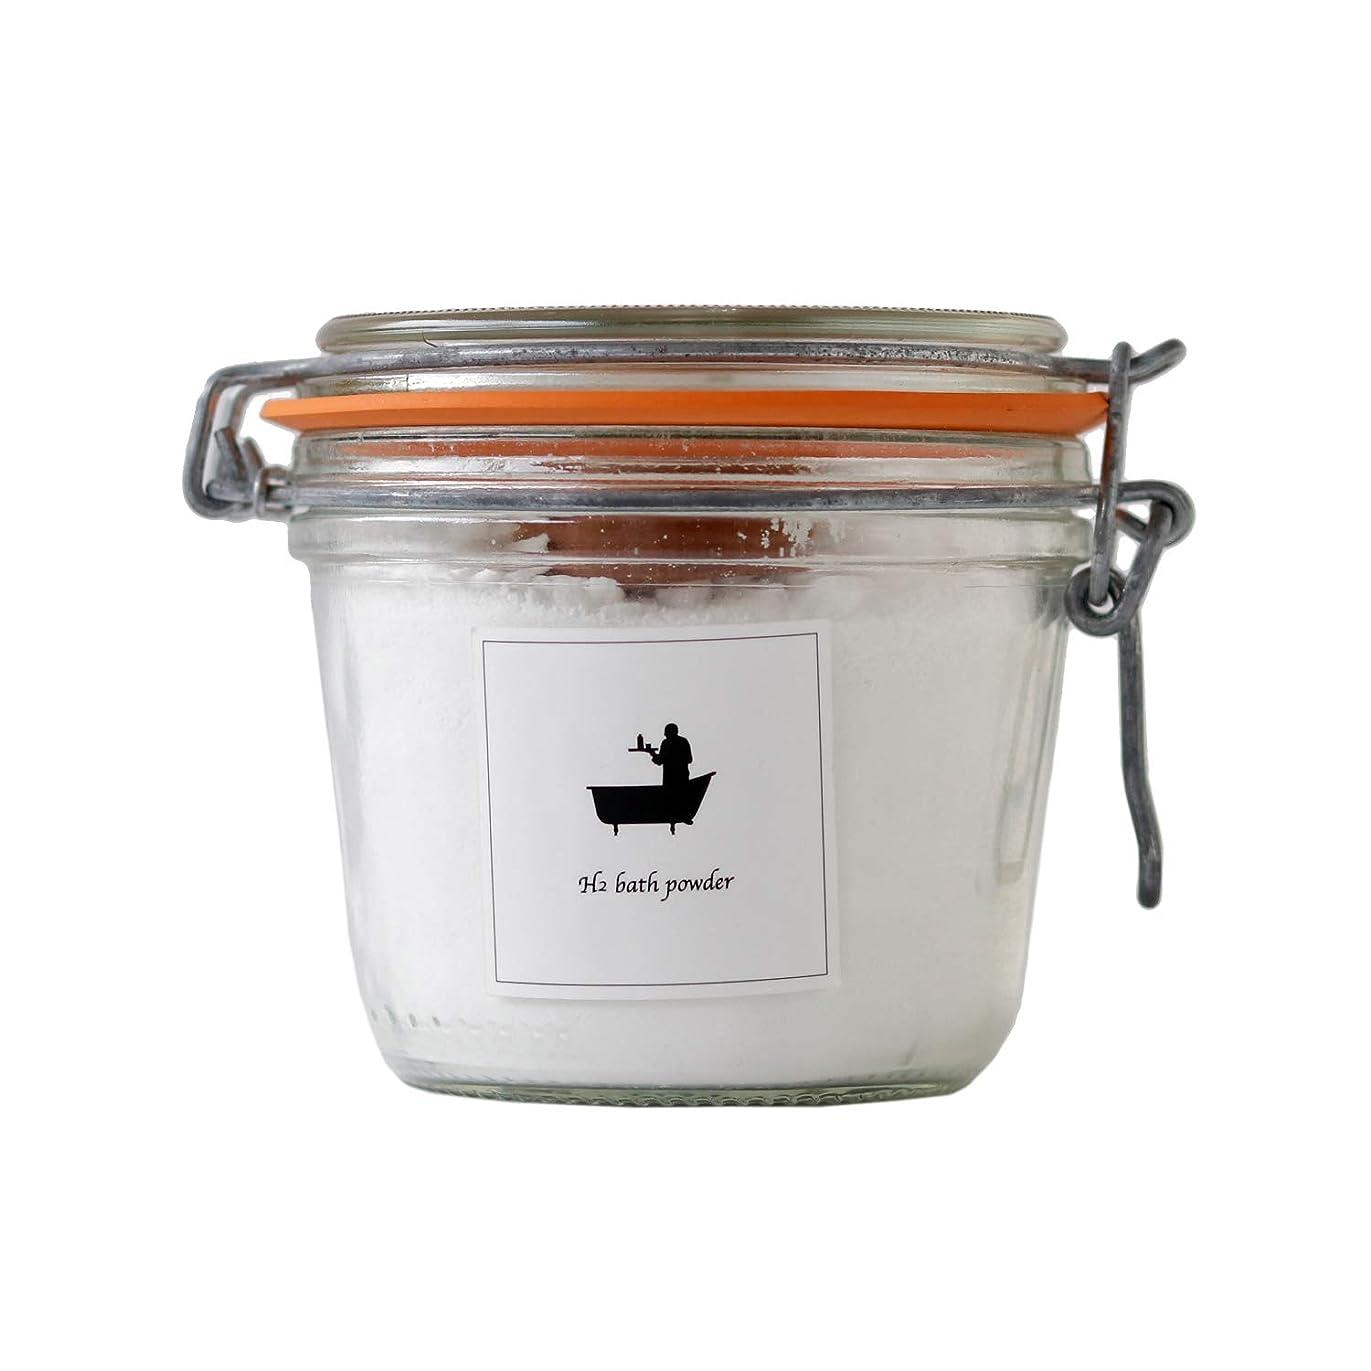 失礼な周囲酸素水素入浴剤「BATHLIER H2 bath powder」RDモイストバスパウダー/ジャータイプ